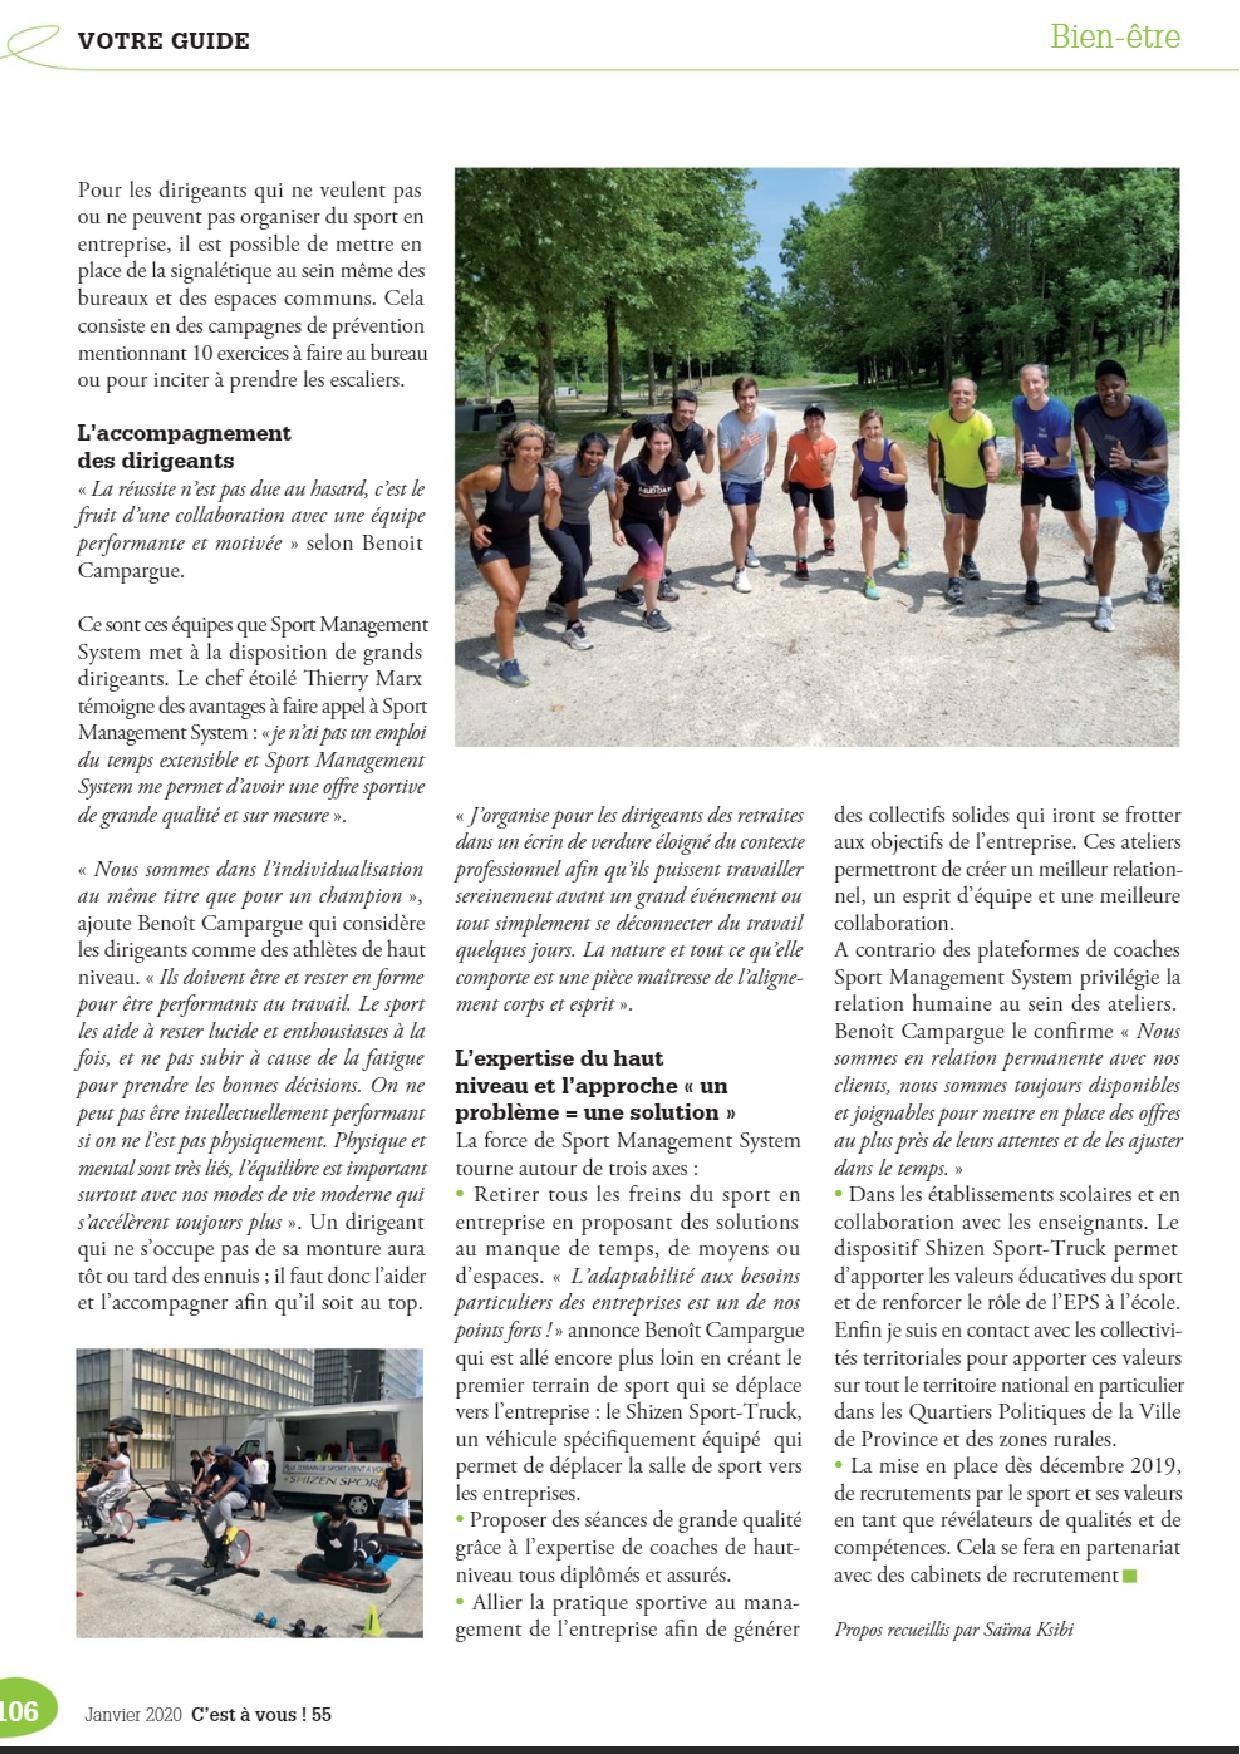 Le Medef publie un article sur Sport-management-System et le sport en entreprise